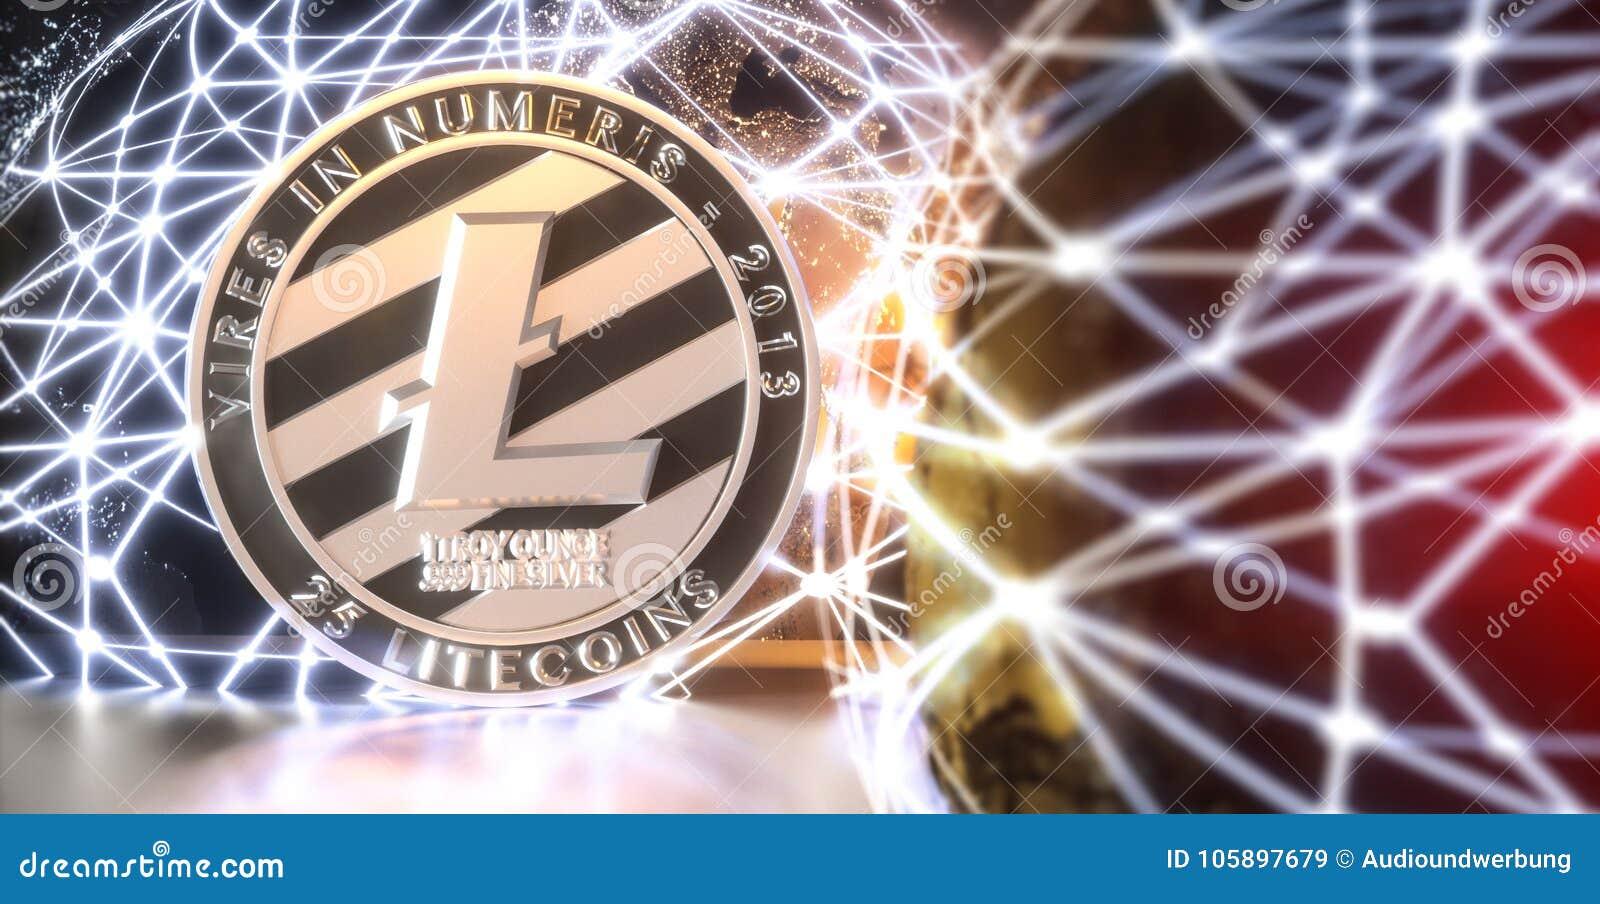 bitcoin buy online uk